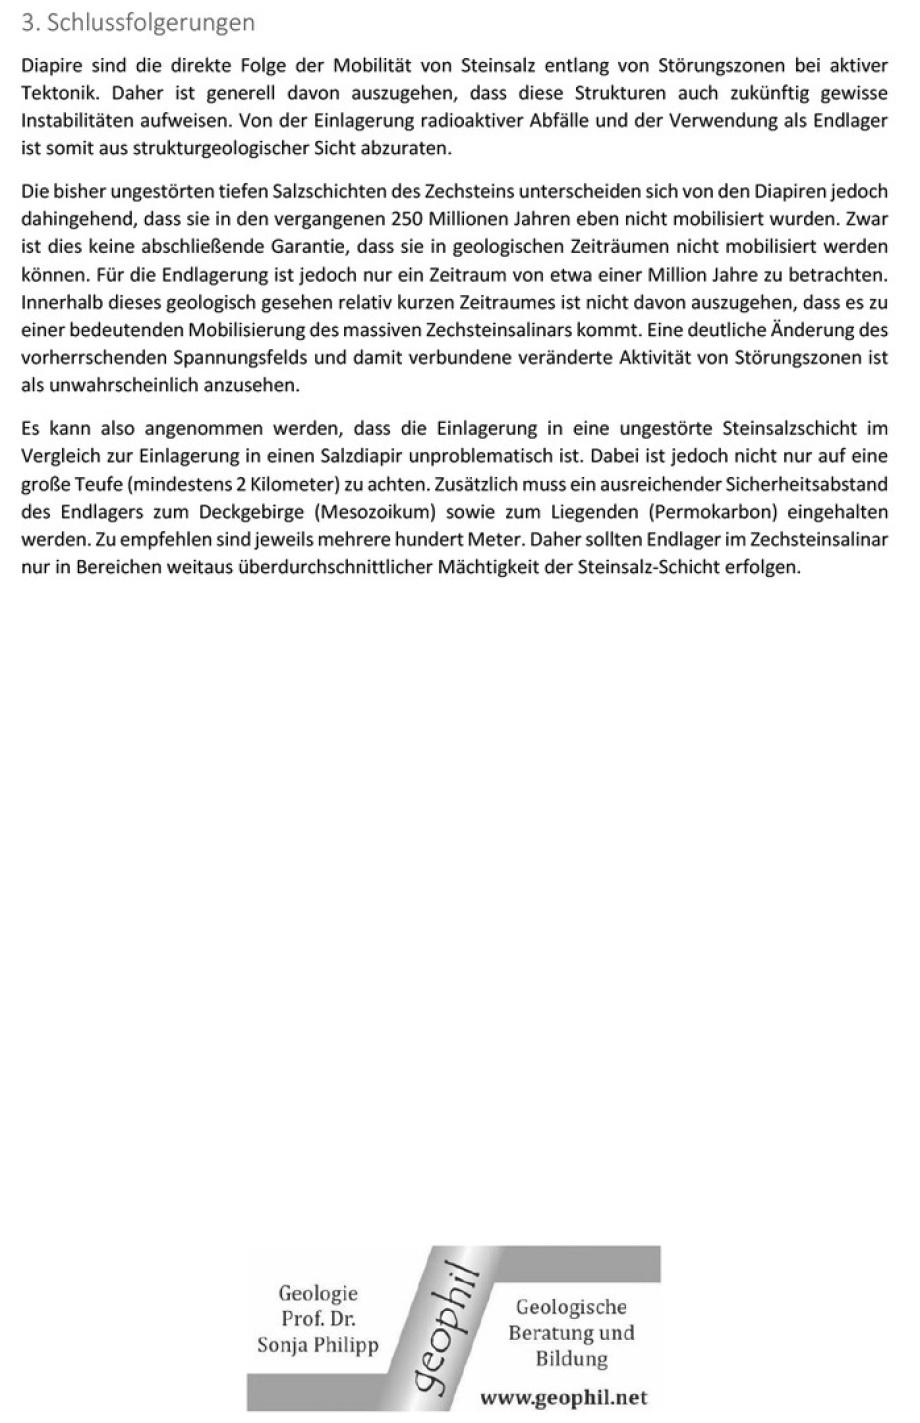 02_Stellungsnahme-Zechstein_Endlagerung_Steinsalz_Diapier_vs_Schicht_Verfasser_Prof_Dr_Sonja_Philipp_DBHD_ART-TEL_ING_Volker_Goebel